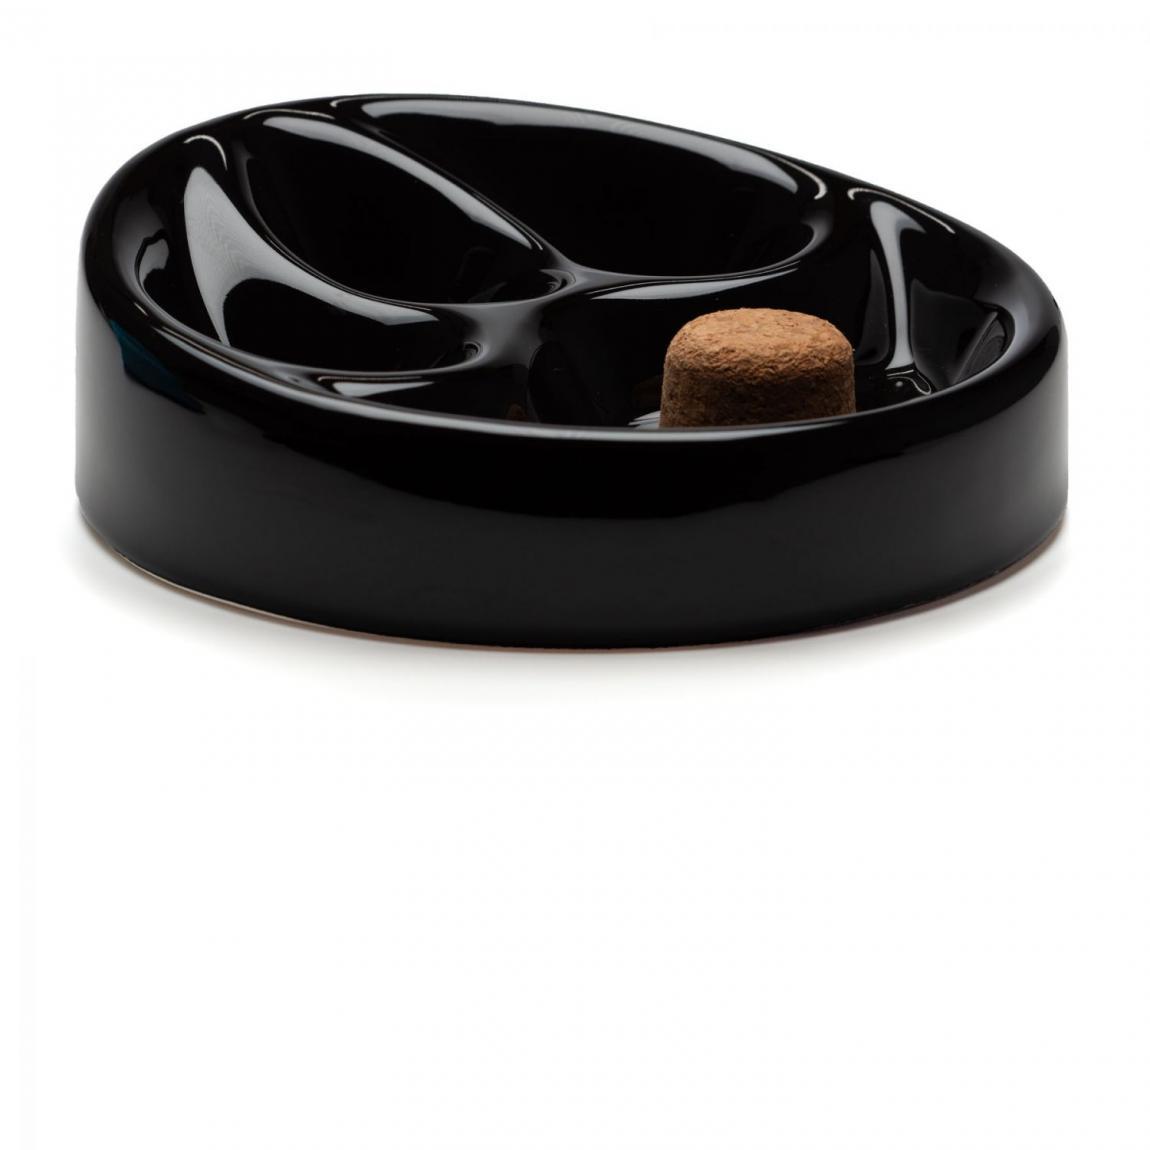 Pfeifenascher Keramik schwarz